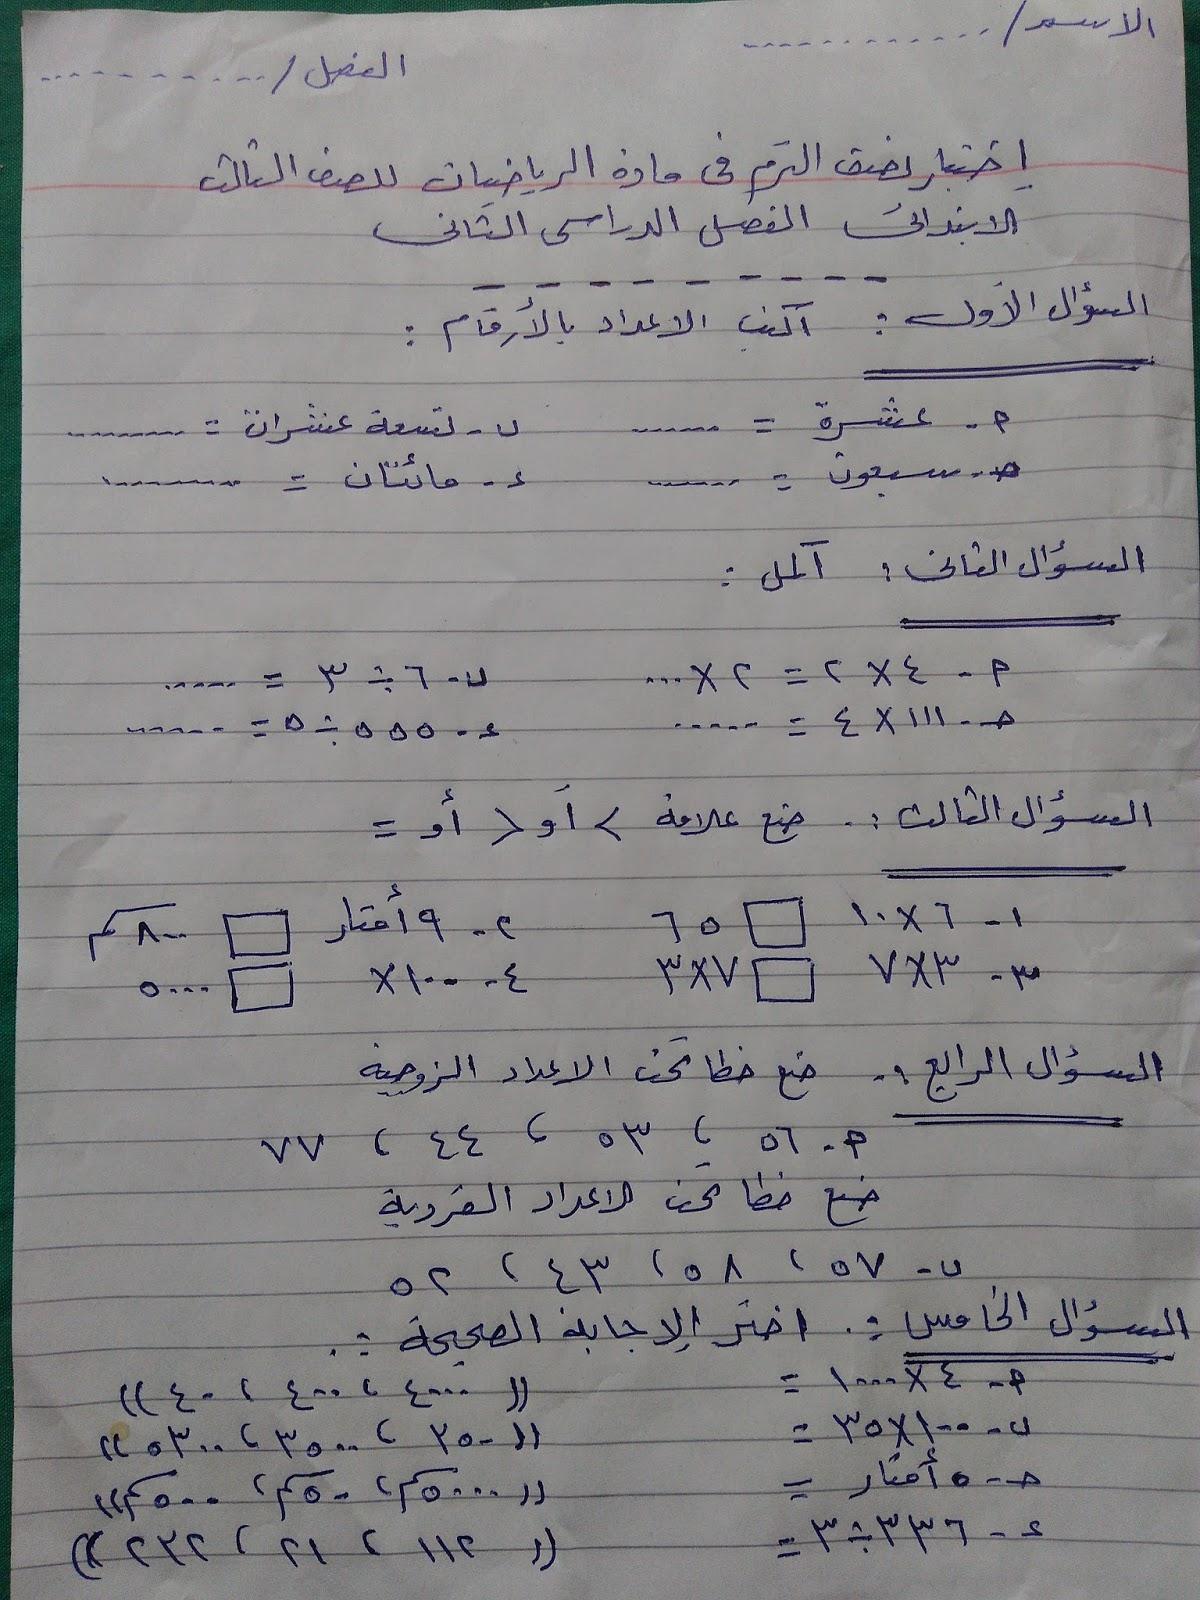 امتحان نصف الترم للصف الثالث الابتدائي في الرياضيات الترم الثاني حساب ميد ترم , ثالثة ابتدائى